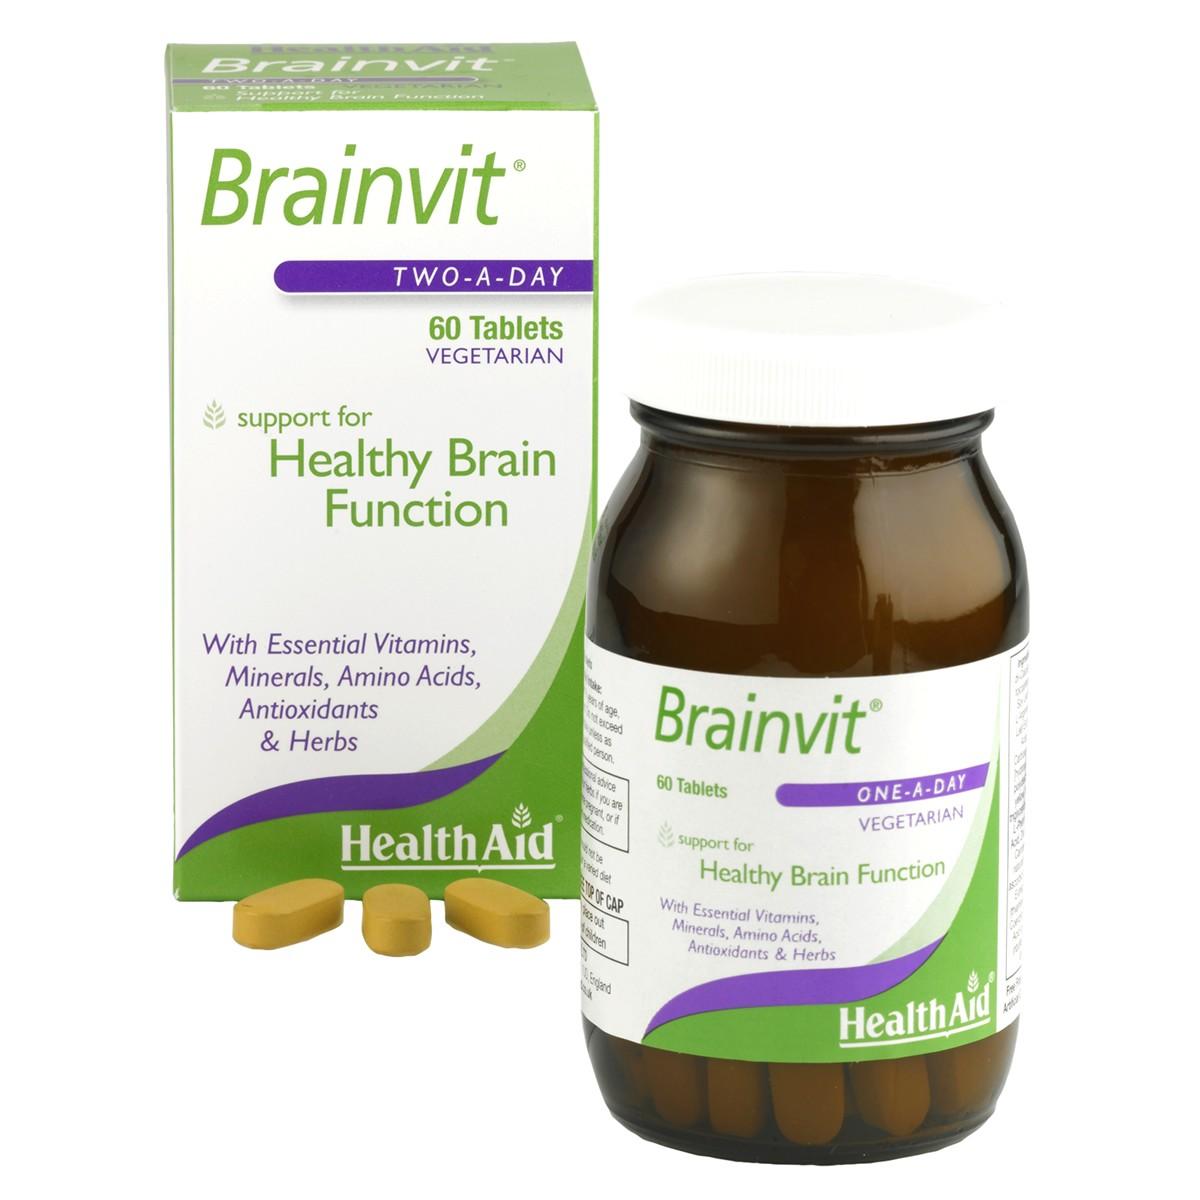 HealthAid BrainVit